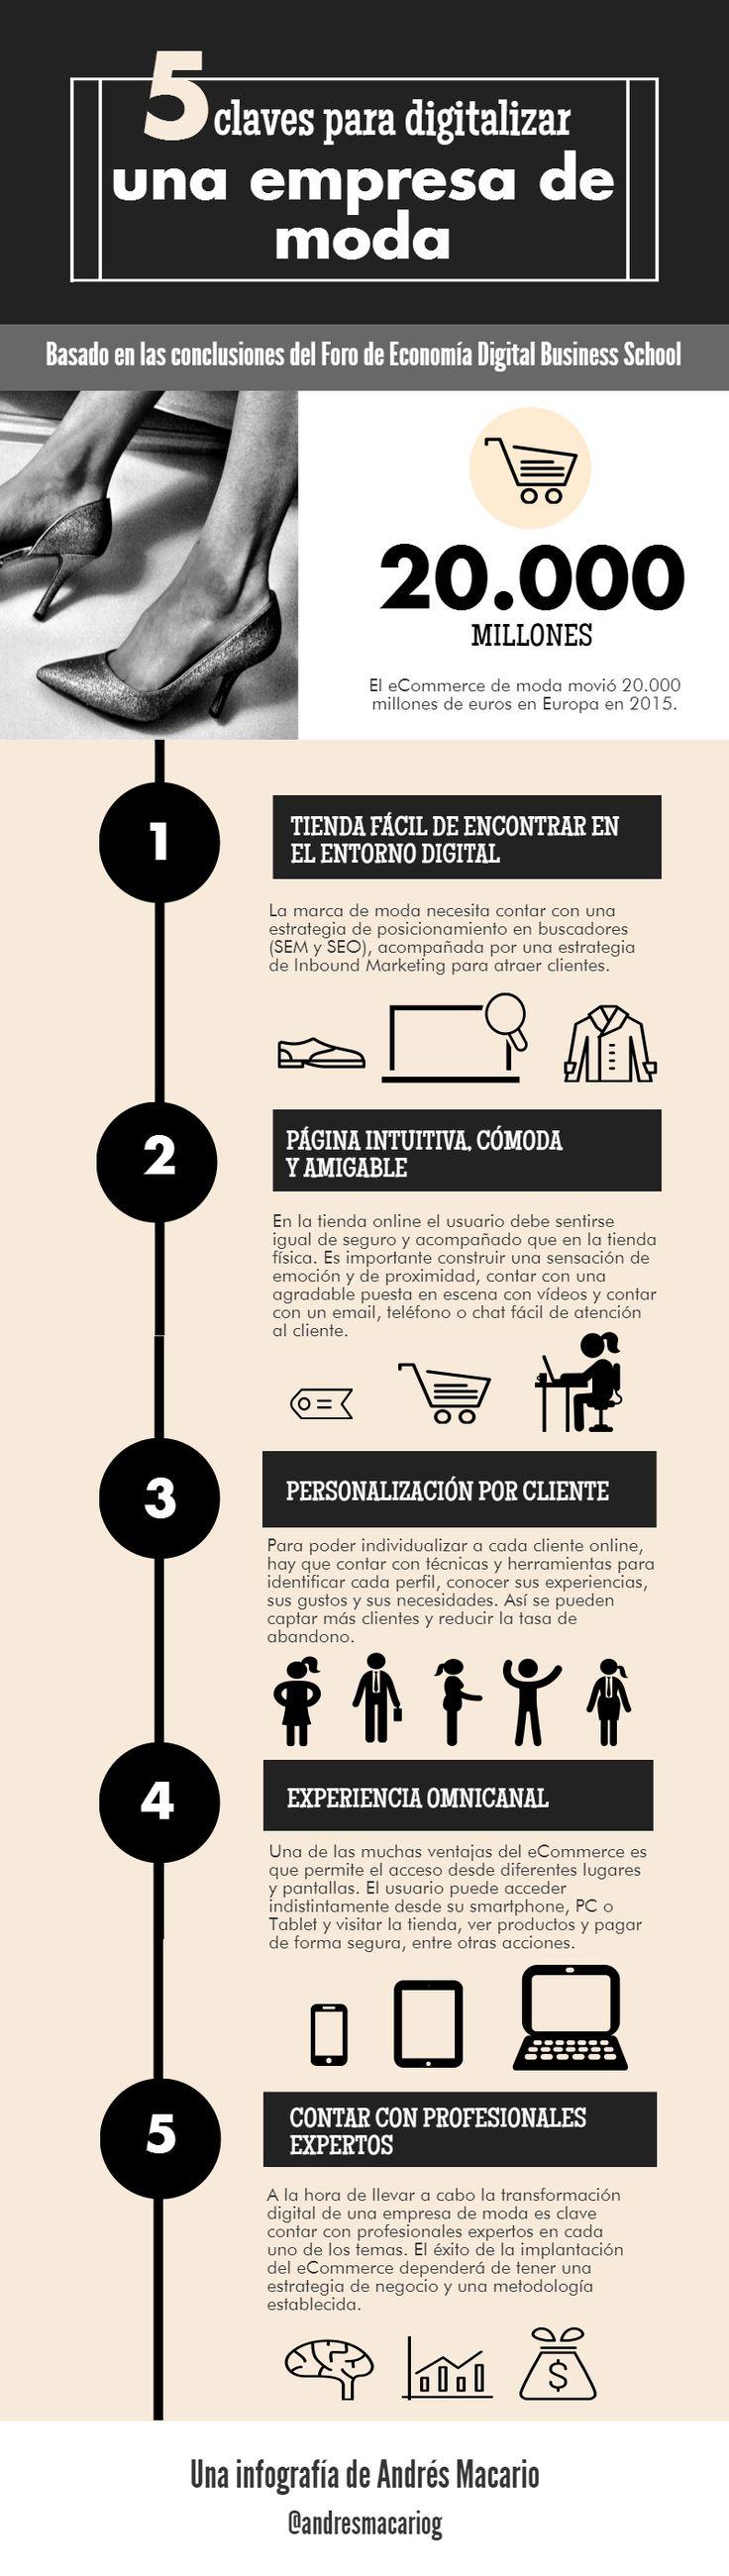 5-claves-para-digitalizar-una-empresa de moda #Infografia